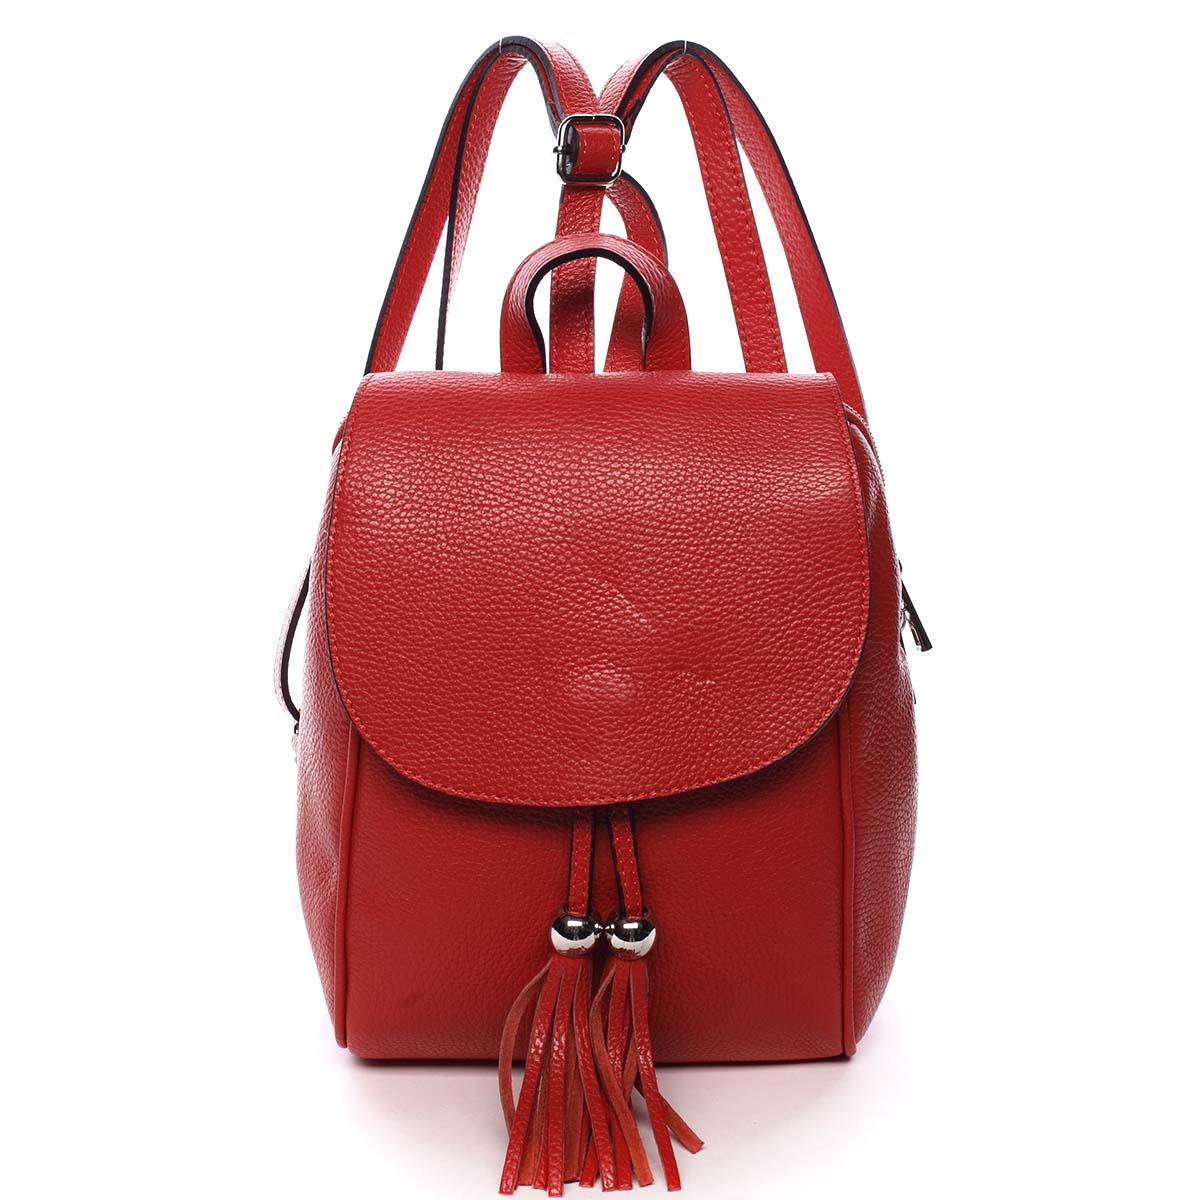 Dámsky kožený batôžtek červený - ItalY Joseph